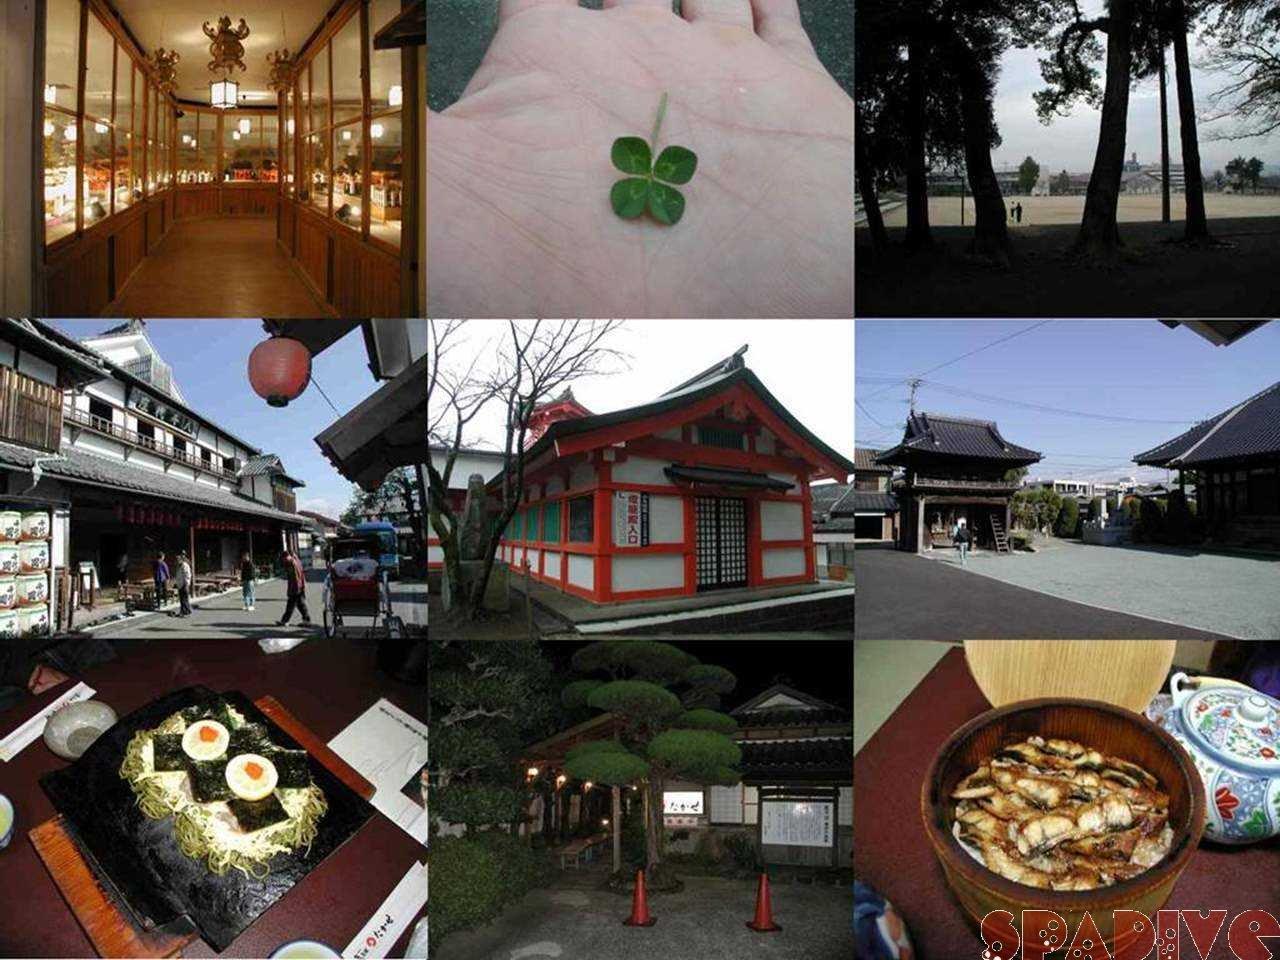 お墓参りの旅 九州博多-熊本-山口県下関 11/17/2006